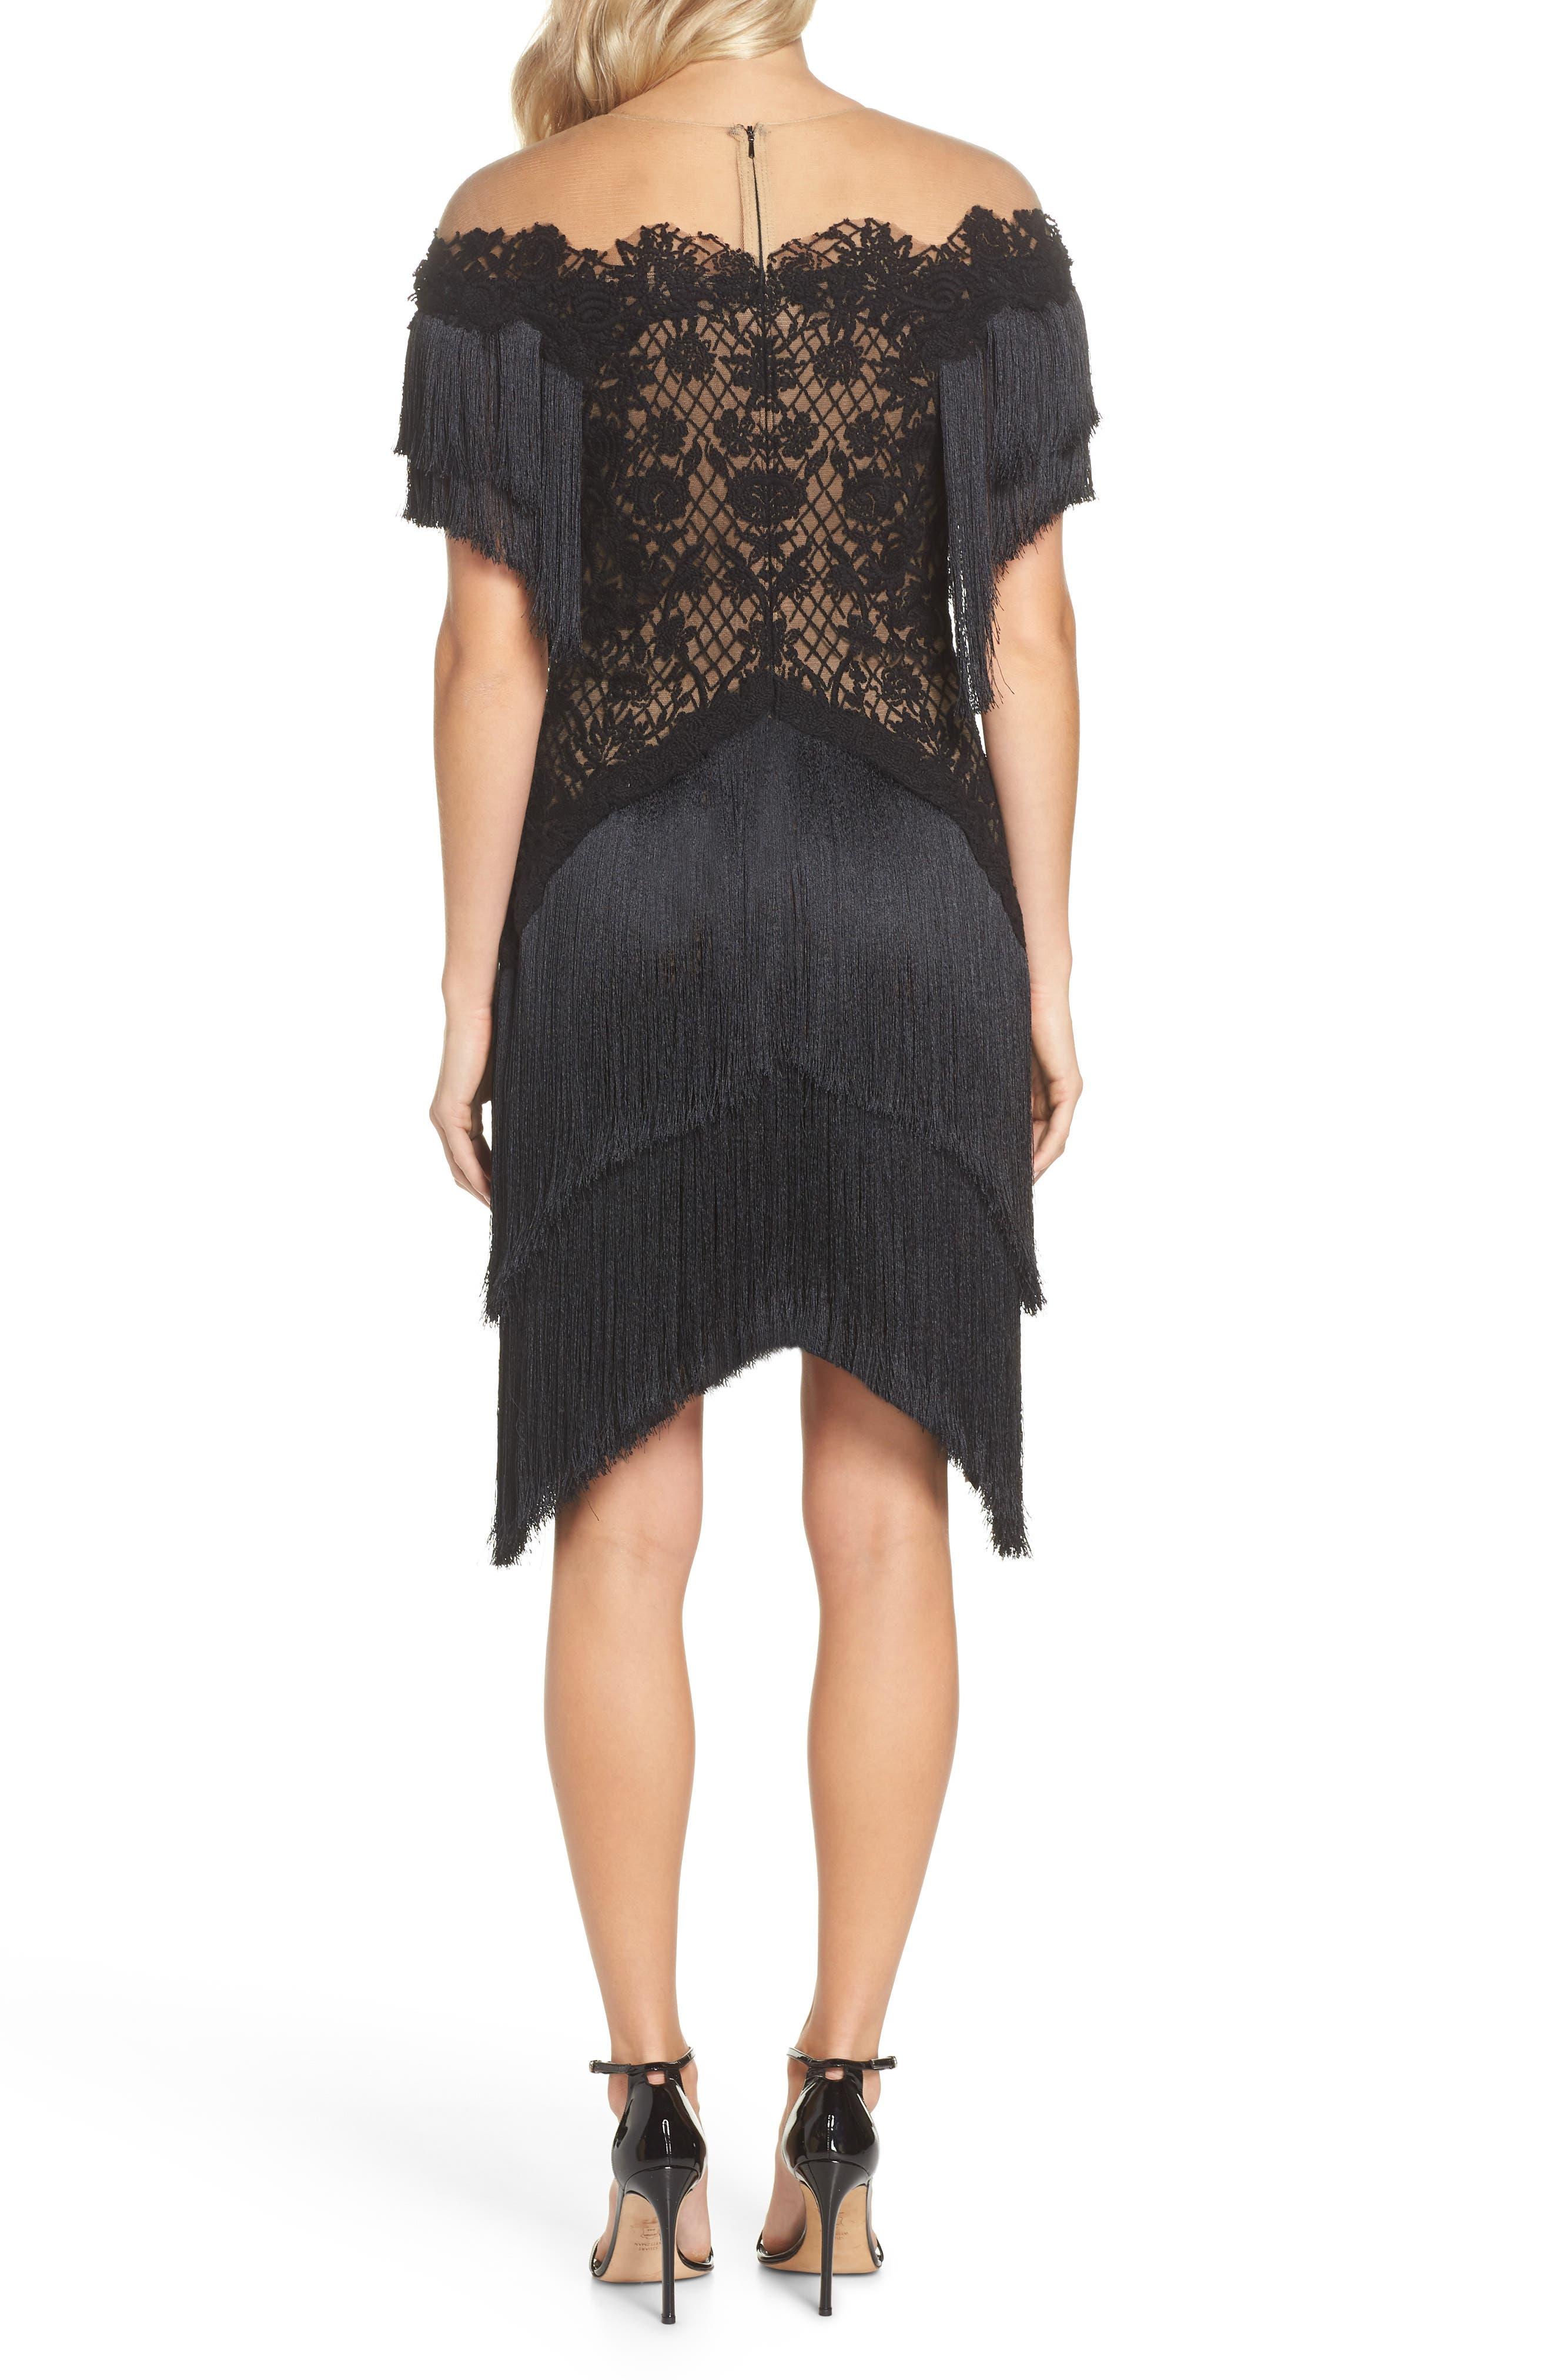 Off the Shoulder Fringe & Embroidered Mesh Dress,                             Alternate thumbnail 2, color,                             BLACK/ NUDE